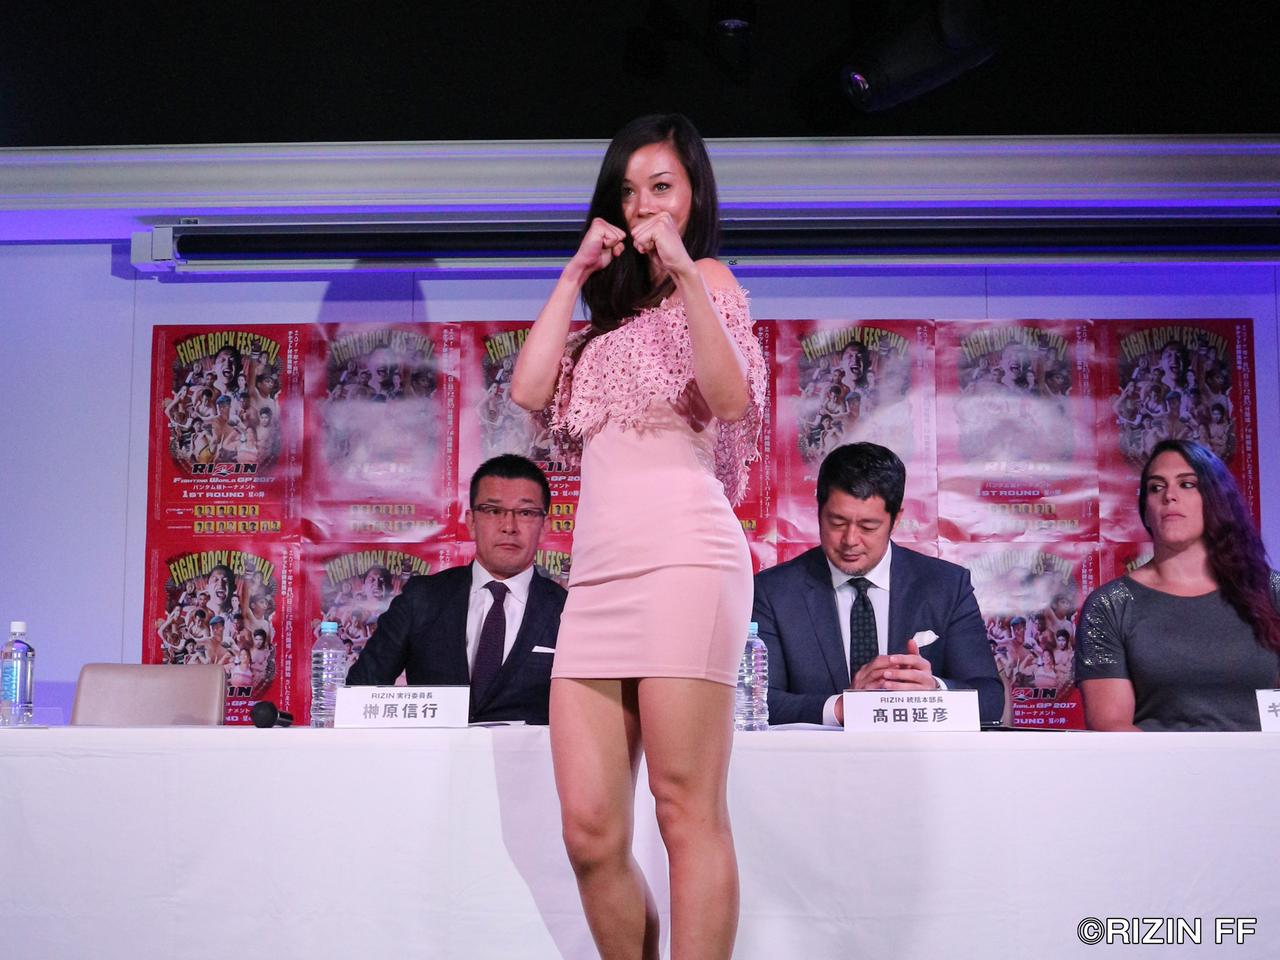 画像2: 野沢直子の長女、真珠・野沢オークライヤーが7・30RIZINでデビュー決定! ギャビはザンビディスをKOした女と対戦! 7・30RIZINさいたま大会追加対戦カード発表!!